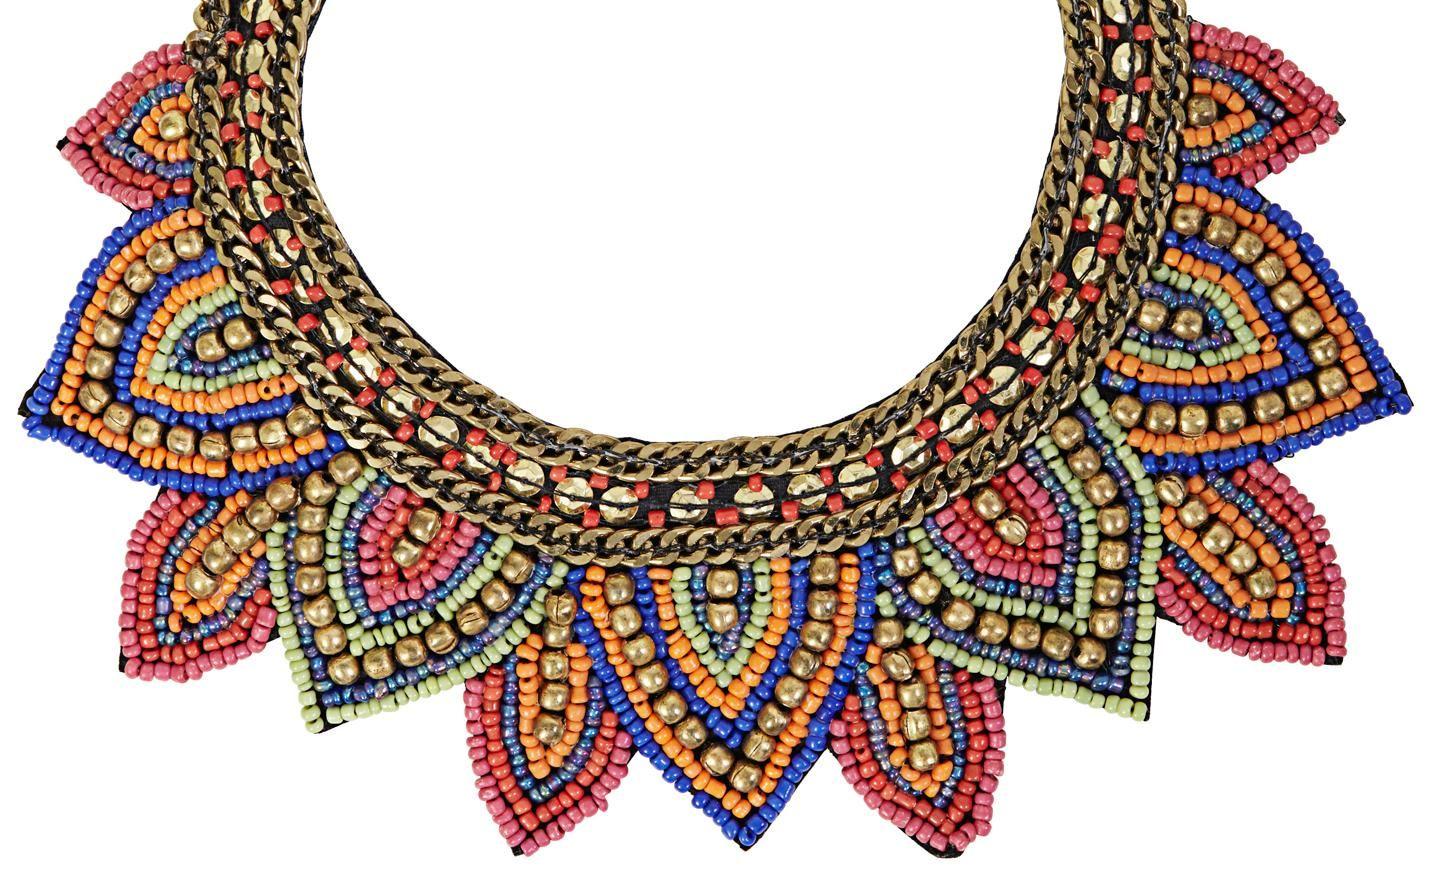 Materiale:  Corta collana in velluto nero ornata di due collane a maglie color oro, paillette color oro e perle arancio, rosso, pink, blu ed oro.          Circonferenza:  10,5 - 16 cm      Larghezza:  max. 6 cm